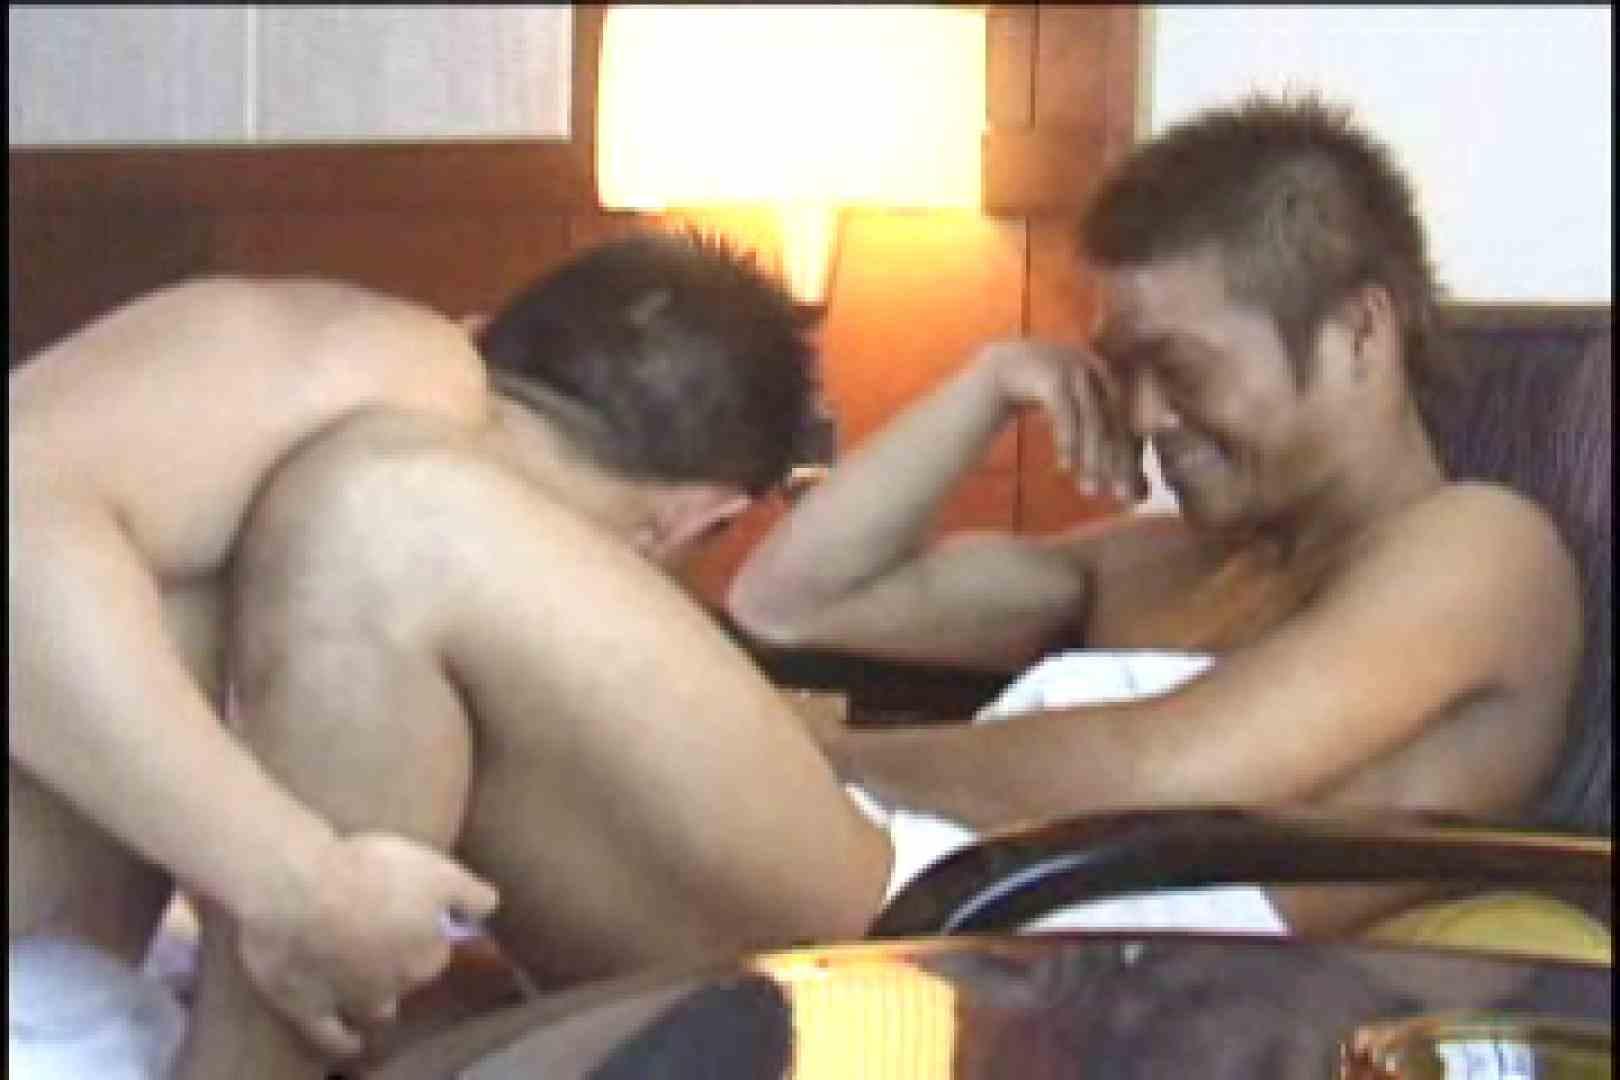 光り輝く男たちのロマンシングメモリー!!vol.09 イケメン  101pic 36